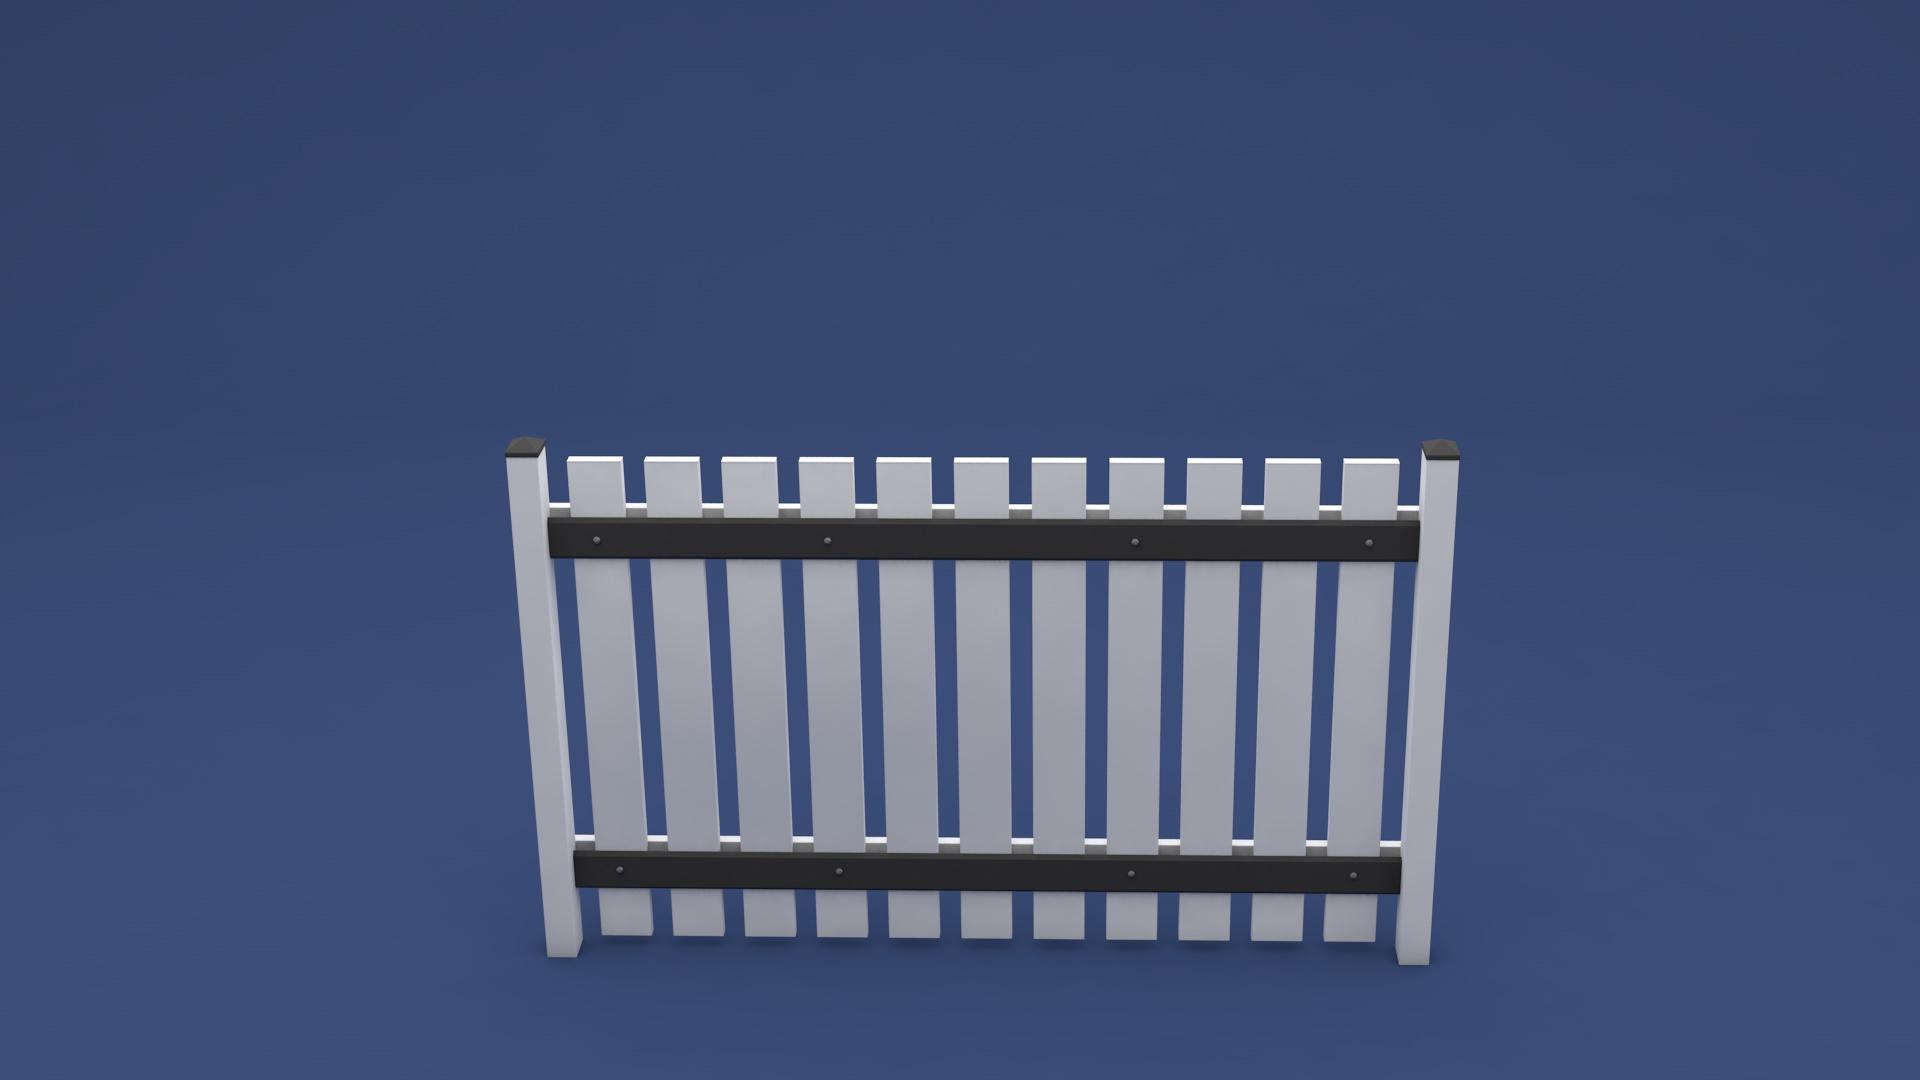 zaun lisa in 2000 x 1250 mm aus wartungsfreien kunststoff in wei. Black Bedroom Furniture Sets. Home Design Ideas